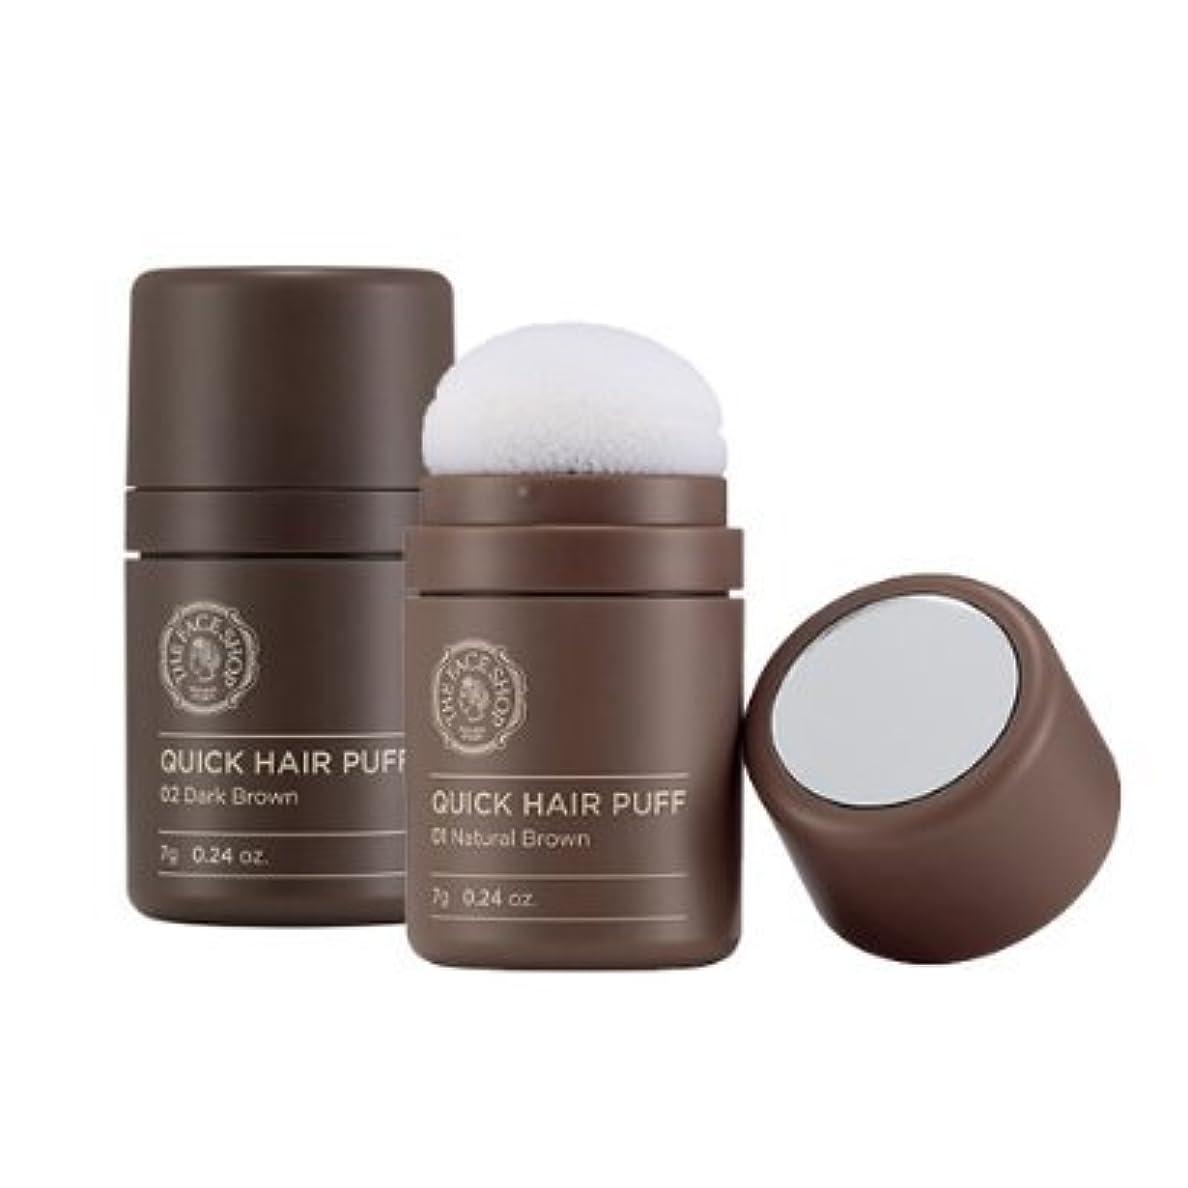 一般的なピジン宿題THE FACE SHOP Quick Hair Puff #01 Natural Brown ザフェイスショップ クイックヘアパフ #01 ナチュラルブラウン [並行輸入品]